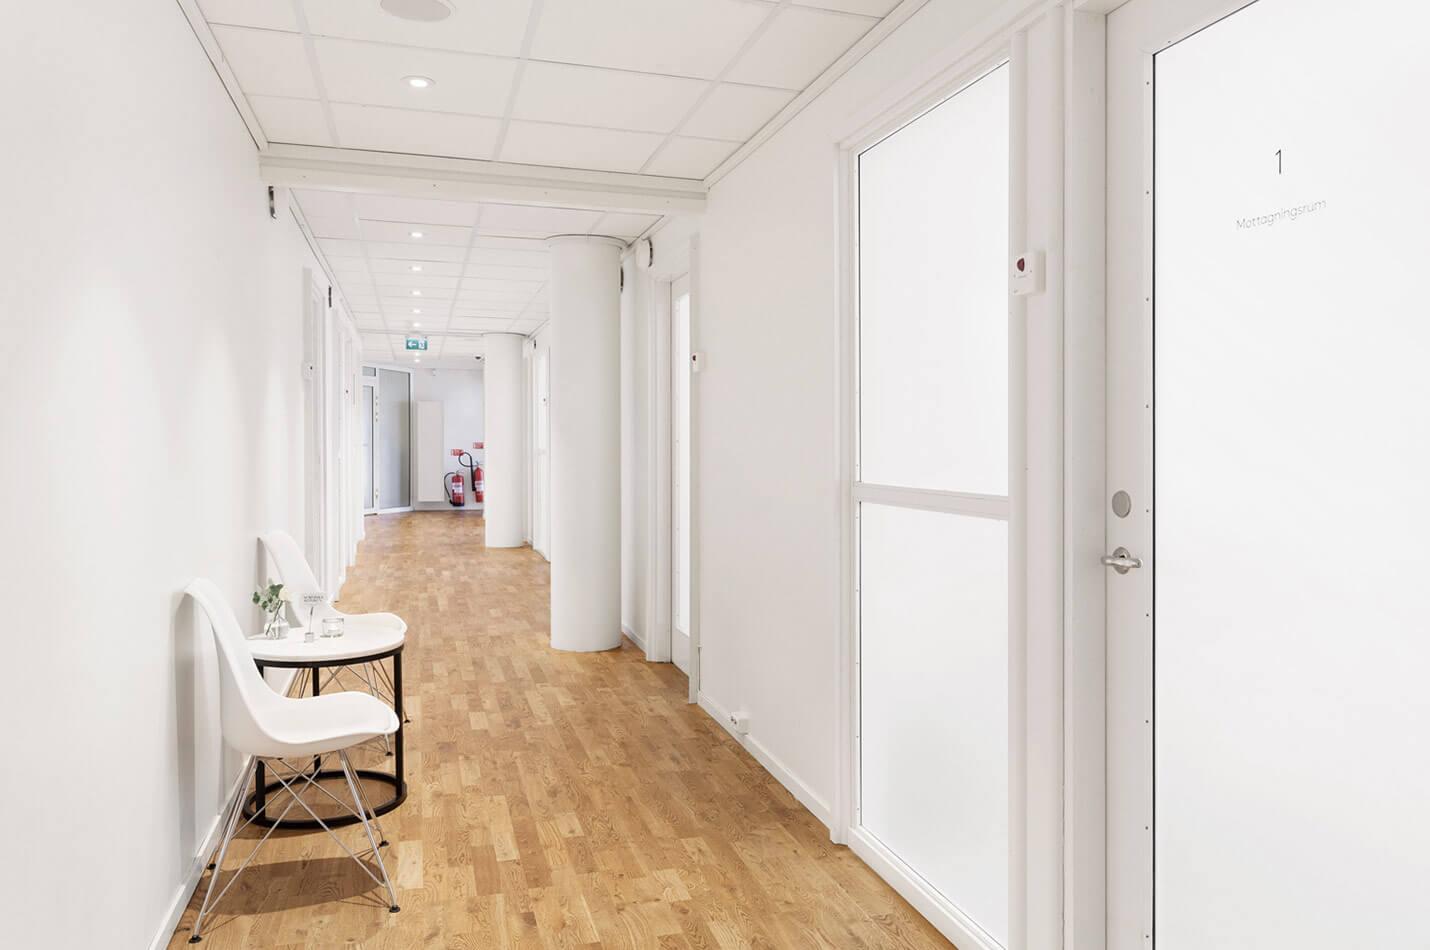 Stolar i korridor utanför behandlingsrum på Nordiska Kliniken